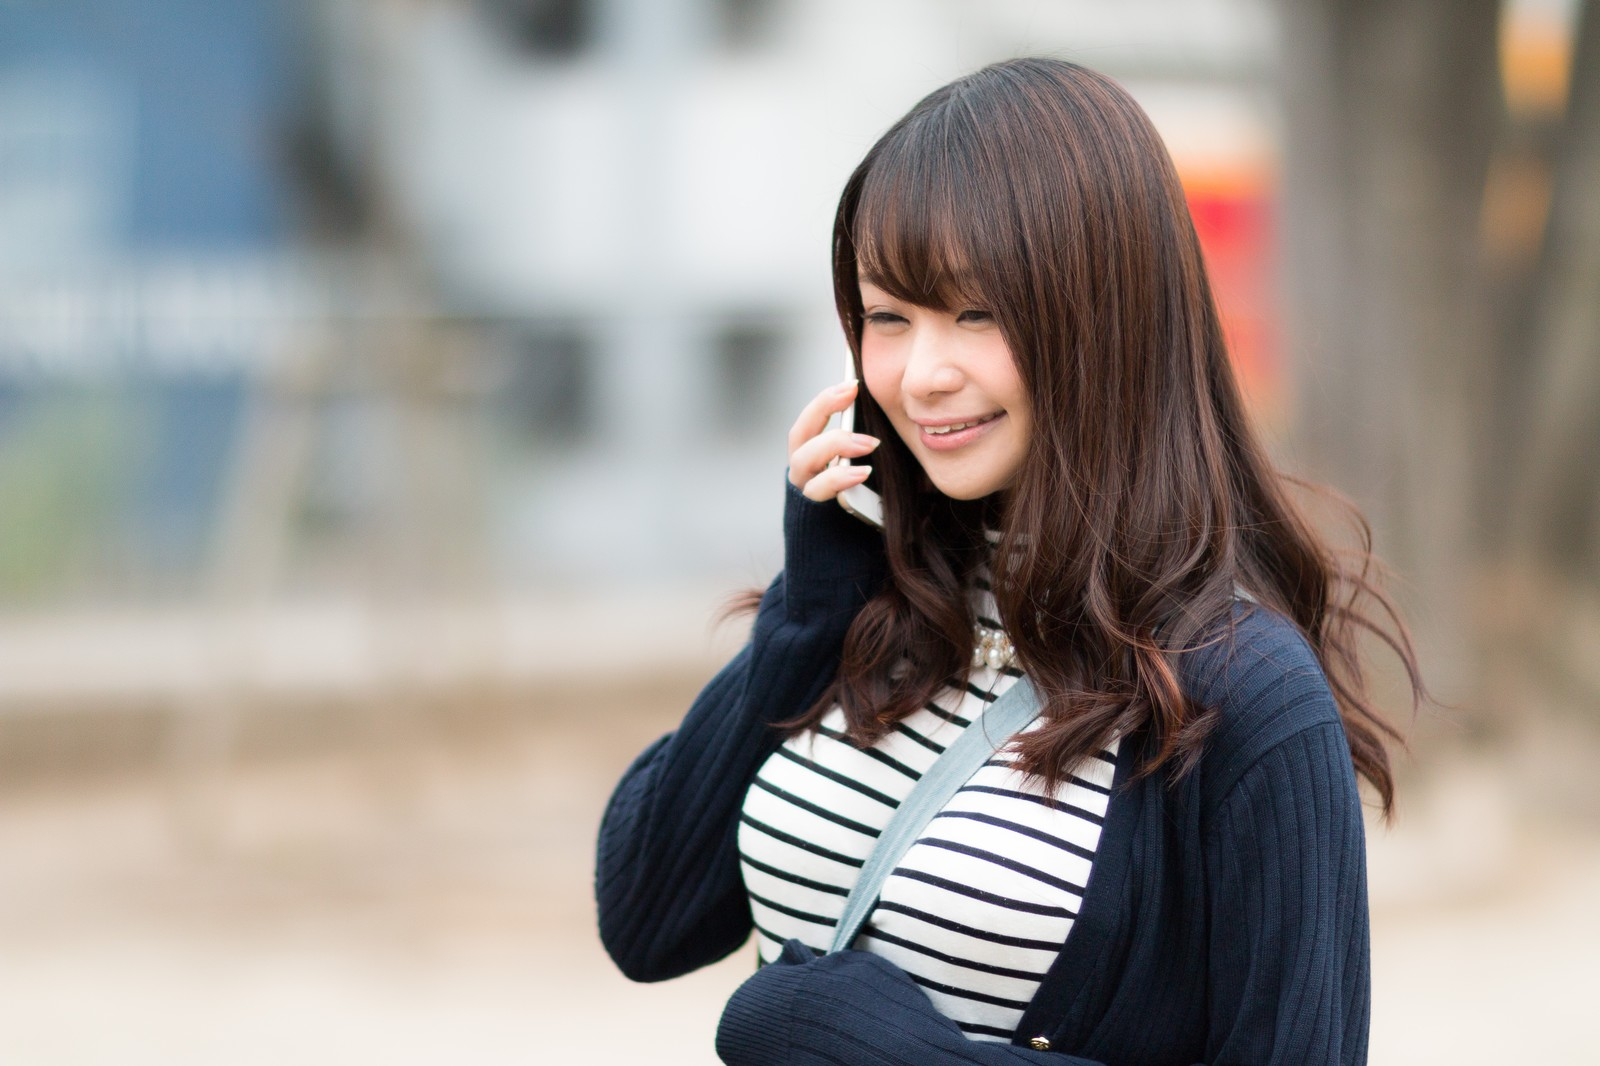 微笑みながら電話をする女性